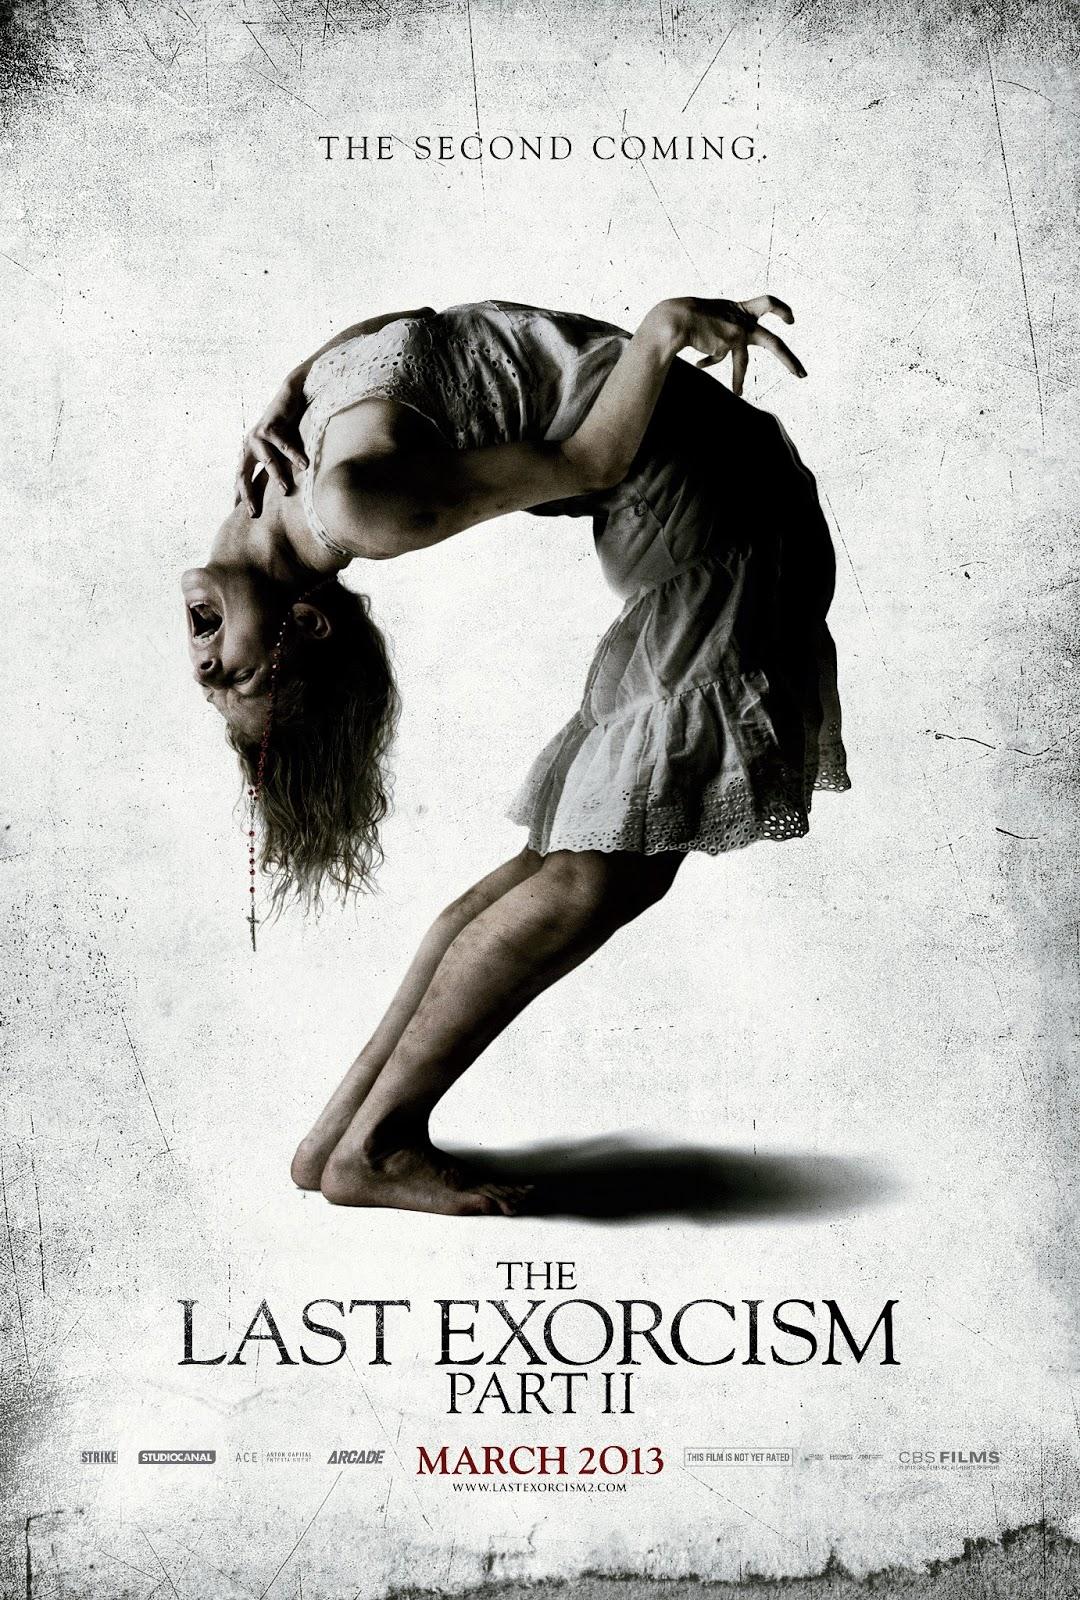 http://1.bp.blogspot.com/-T5Qn51EG_8o/UOaCdJklfPI/AAAAAAAACcI/HSTP4p-bTuI/s1600/the-last-exorcism-part-2-poster.jpg